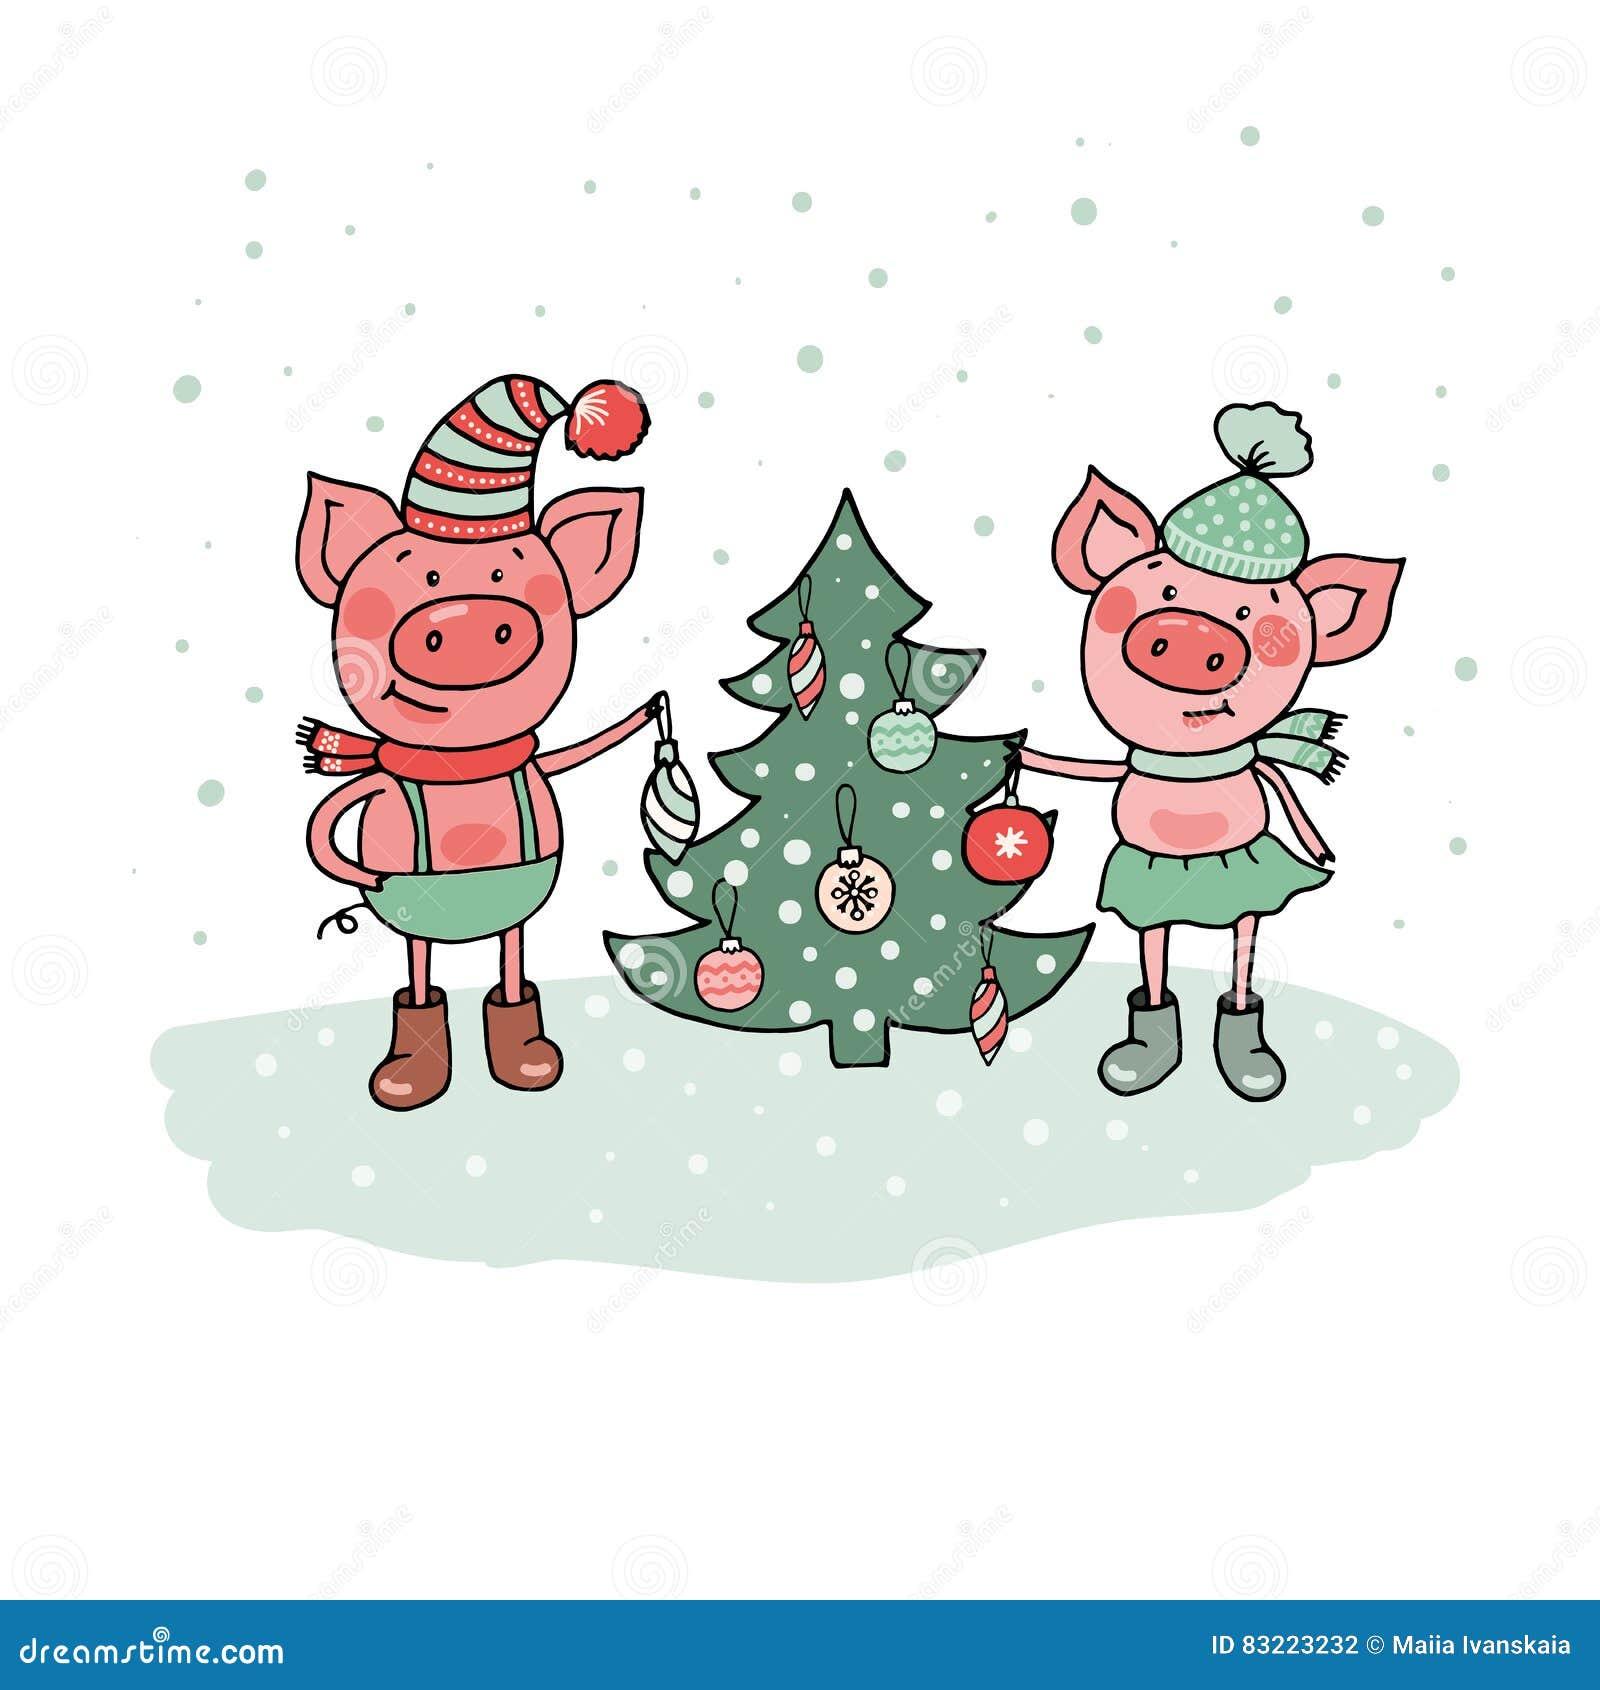 прикольные поздравления к новому году свиньи